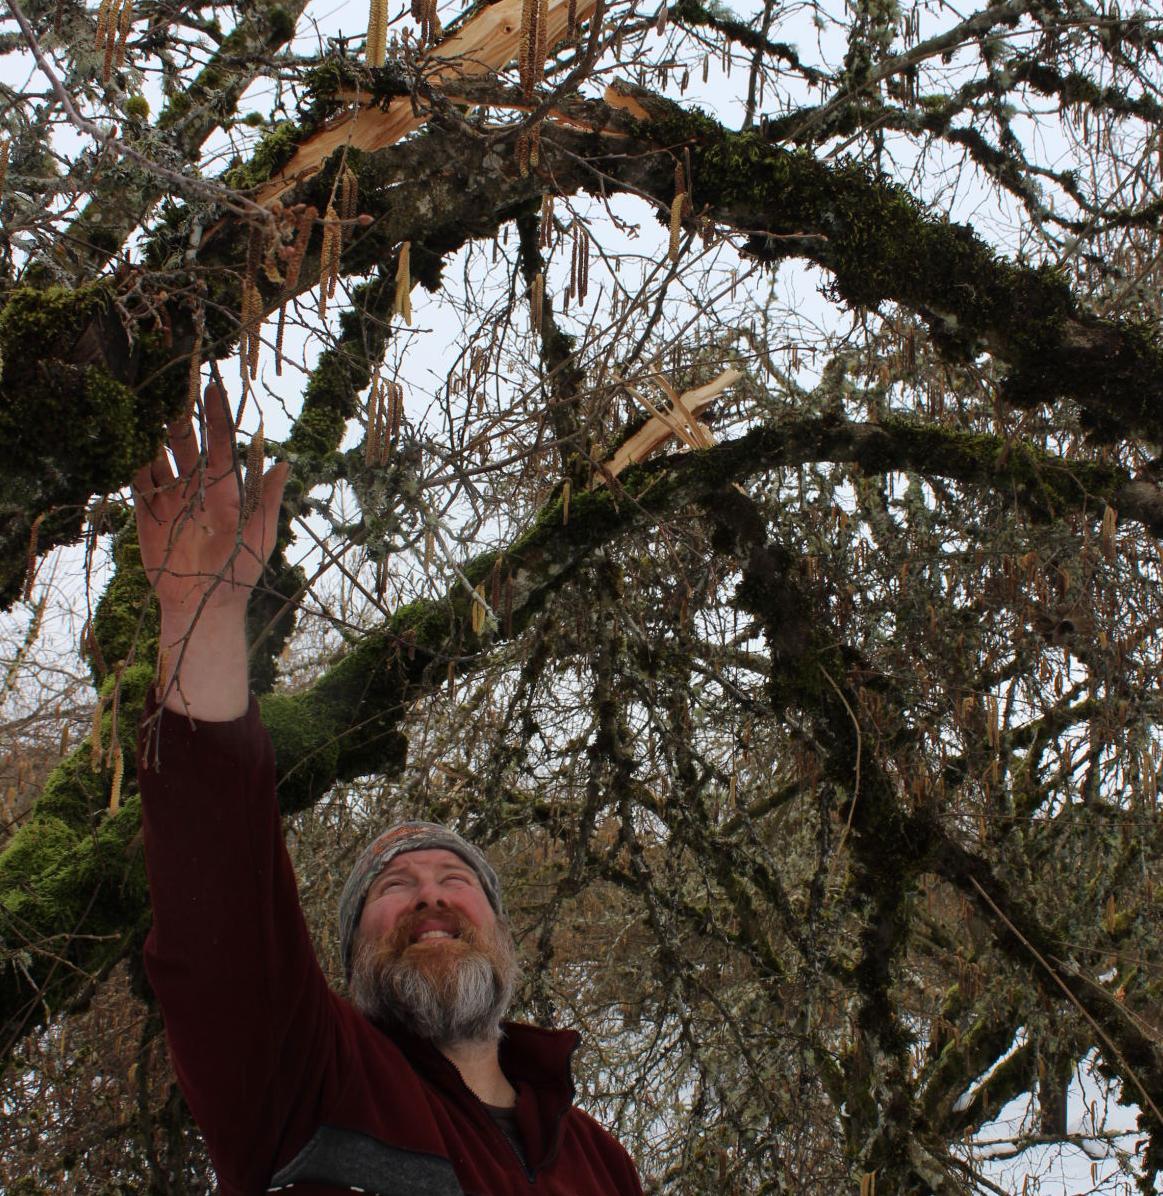 'Massive damage' to hazelnut trees